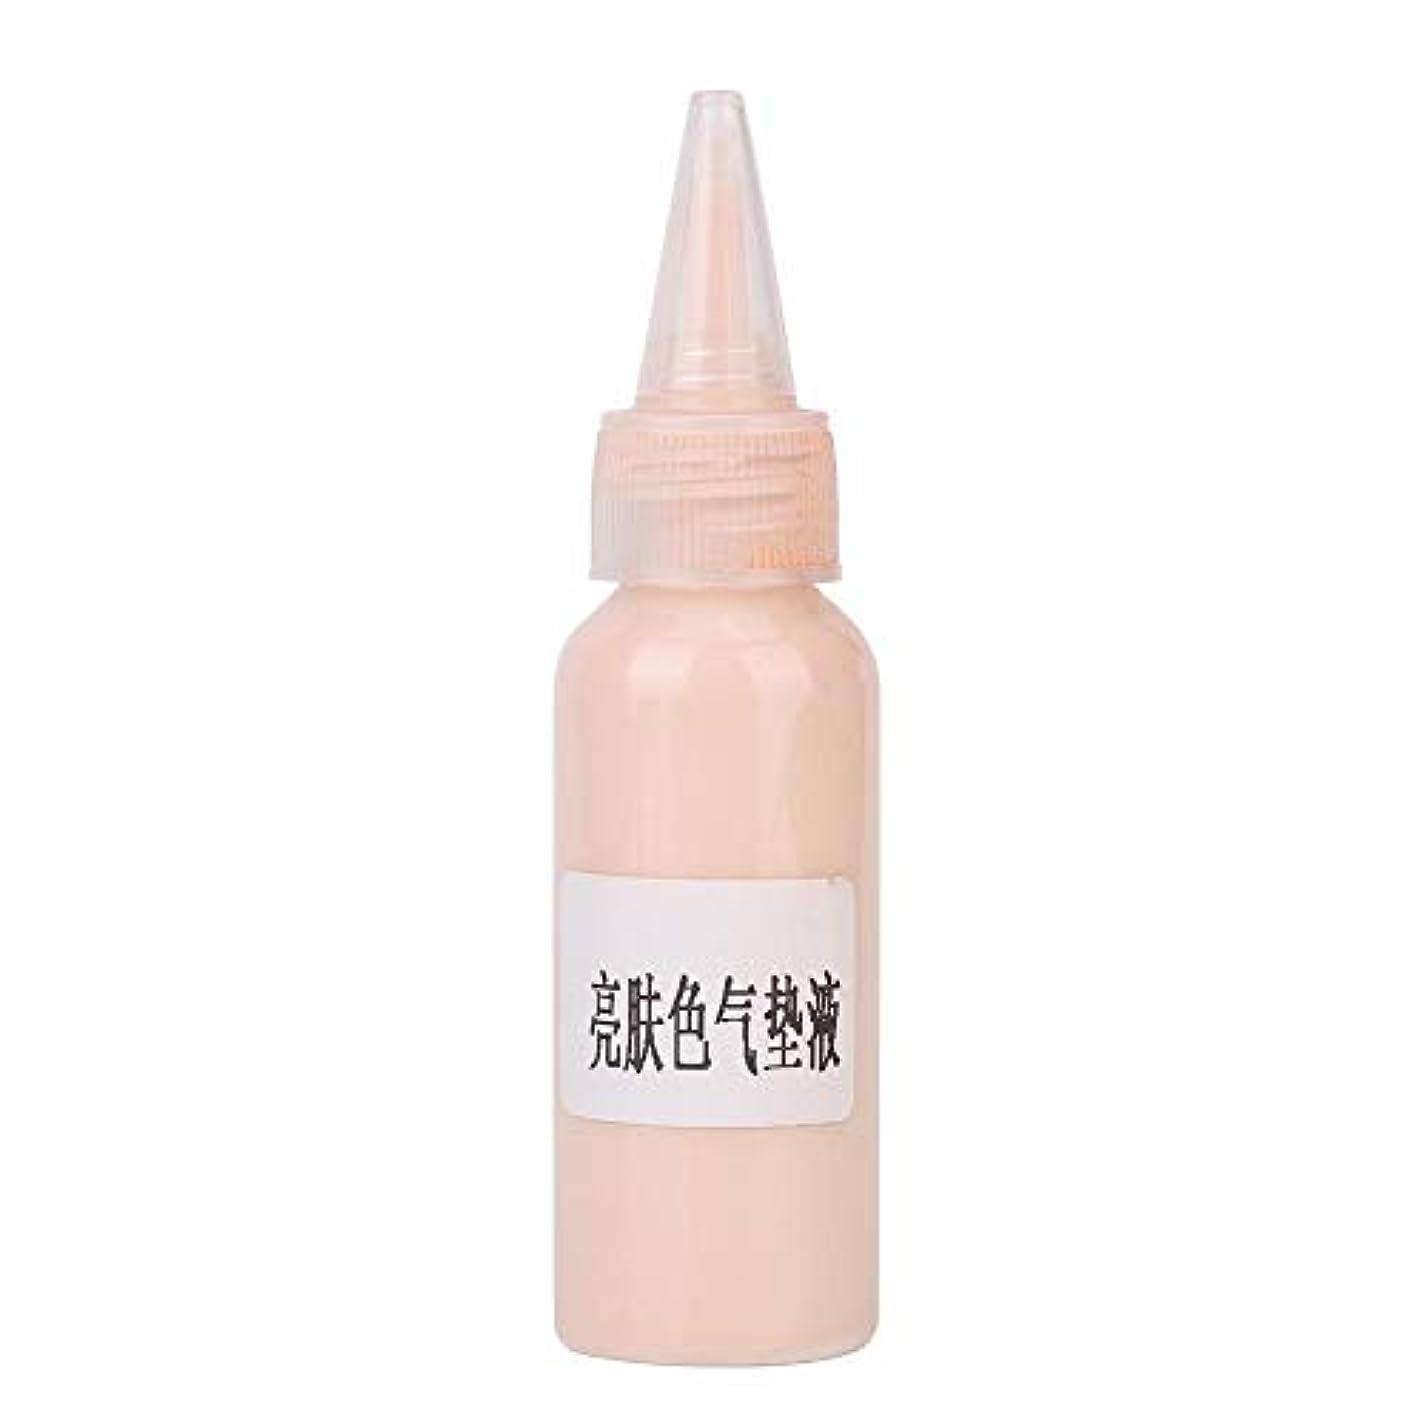 アラブサラボヤギ弱い30g DIY リキッドファンデーション 化粧品 肌の調子 コンシーラーリキッドエアクッションリキッド(01)